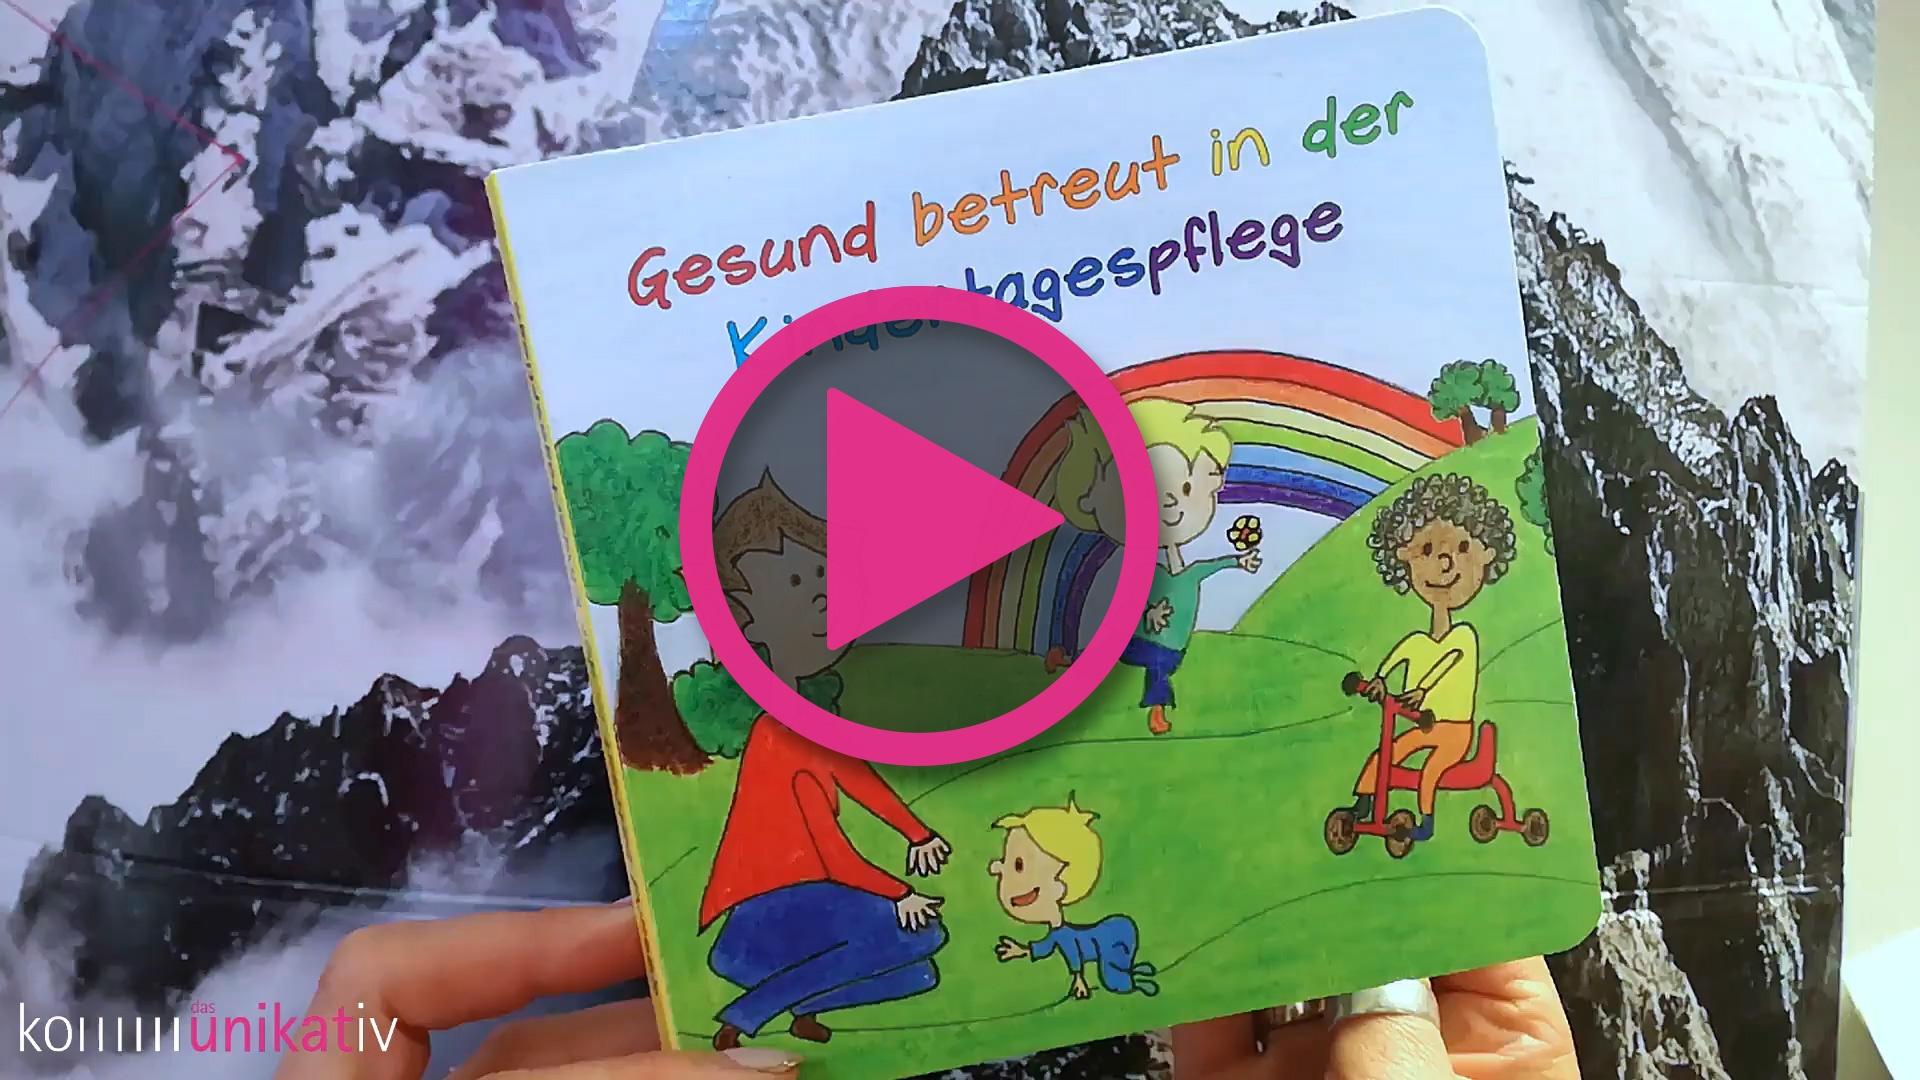 """Kartonbuch – """"Gesund betreut in der Kindertagespflege"""""""